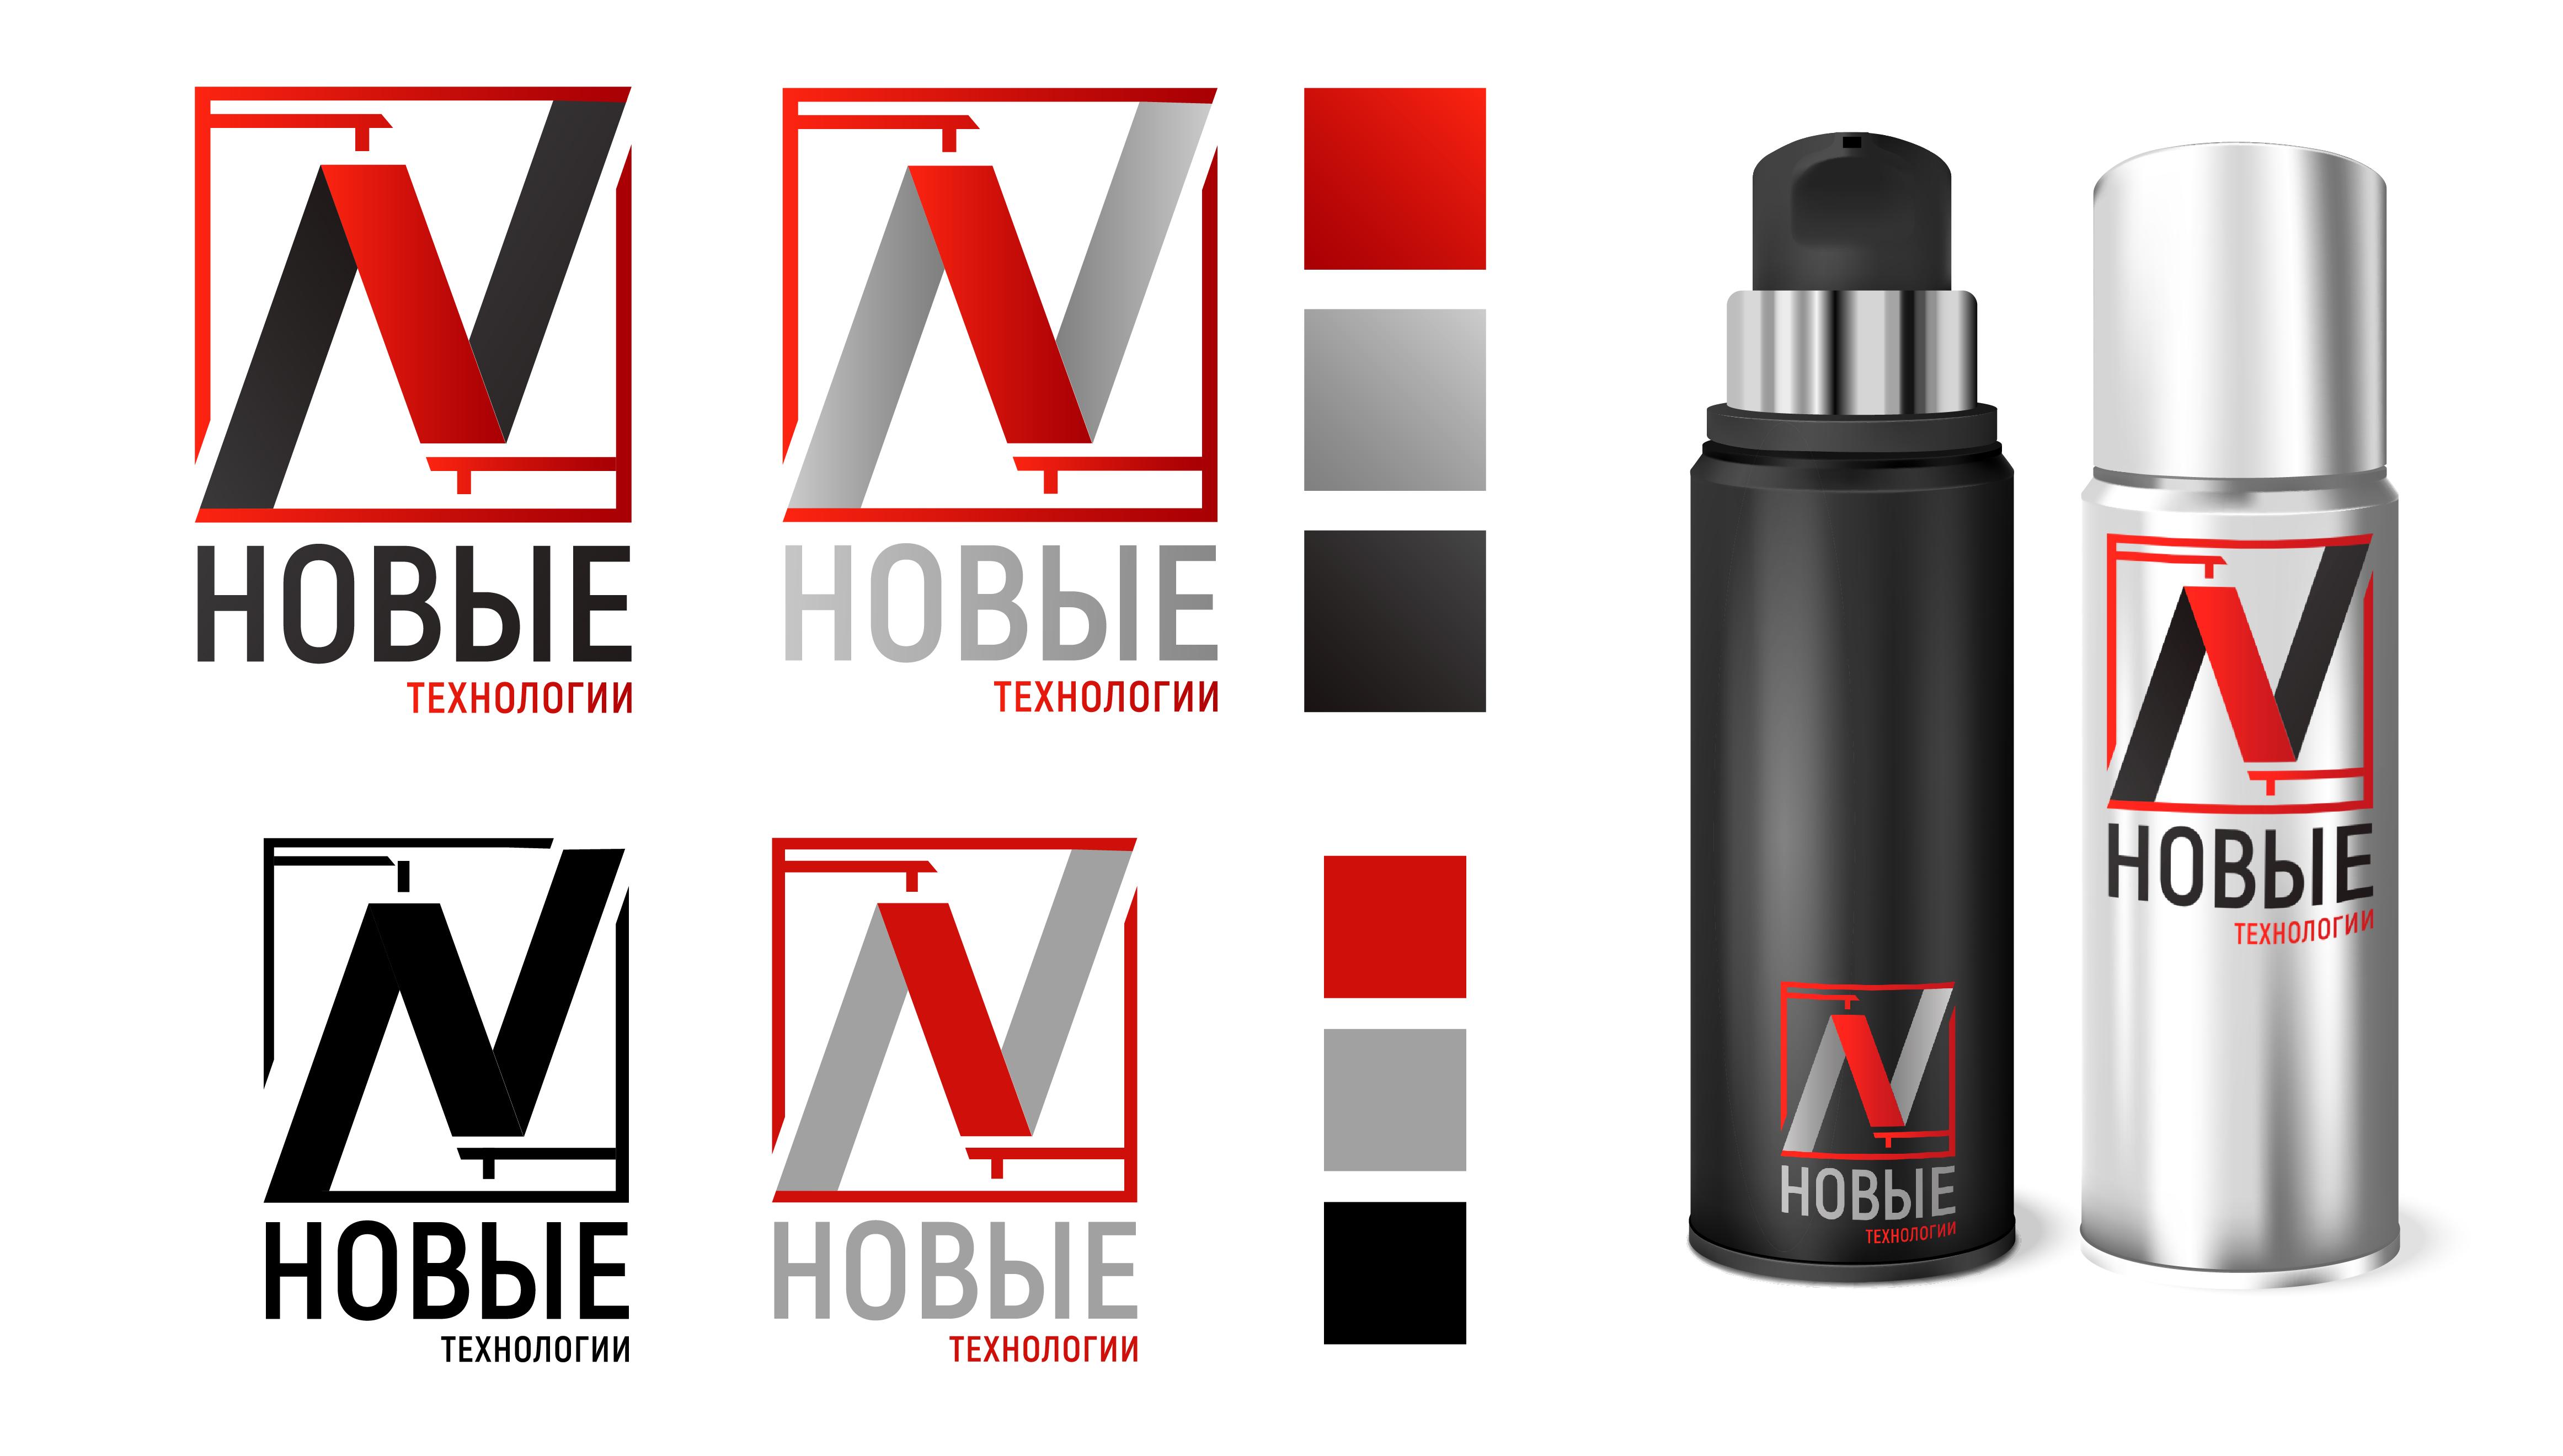 Разработка логотипа и фирменного стиля фото f_8565e7b0789033fd.jpg